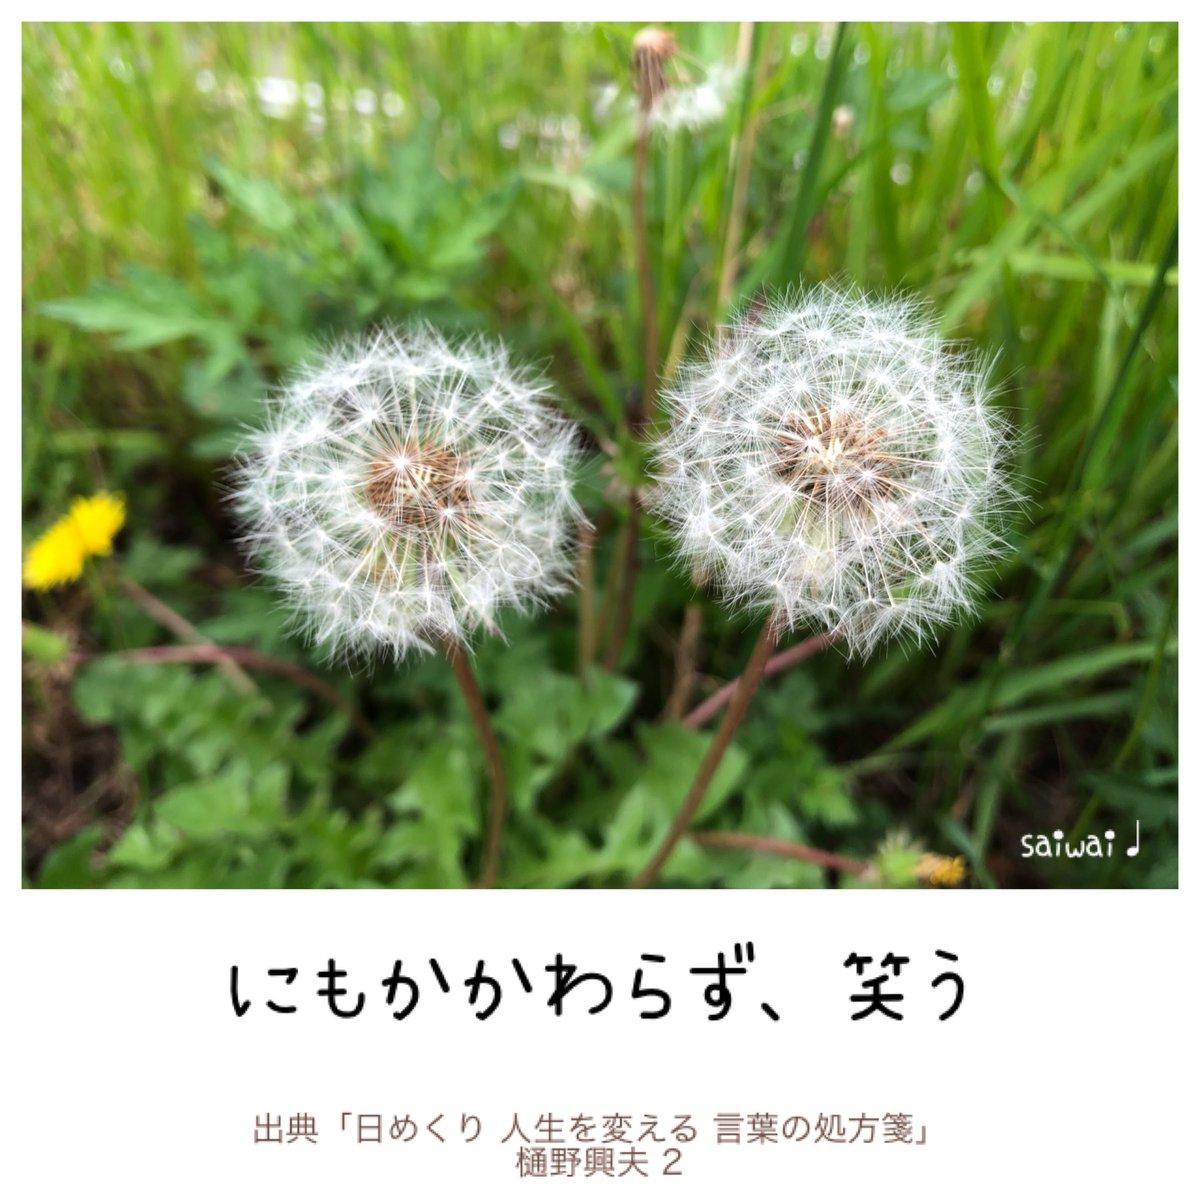 おはようございます🐌☘  7月に入りました^ ^;  #2日 #日めくり #言葉の処方箋  にもかかわらず、笑う  だれよりも 苦しいはずの人が 笑うとき それは人を 慰めます。  ***  上から 与えられる喜び🌈  そして あなたの内から 湧き上がるものです😊  U^ェ^U  (=^ェ^=)  ヽ(´▽`)/  #がん哲学外来